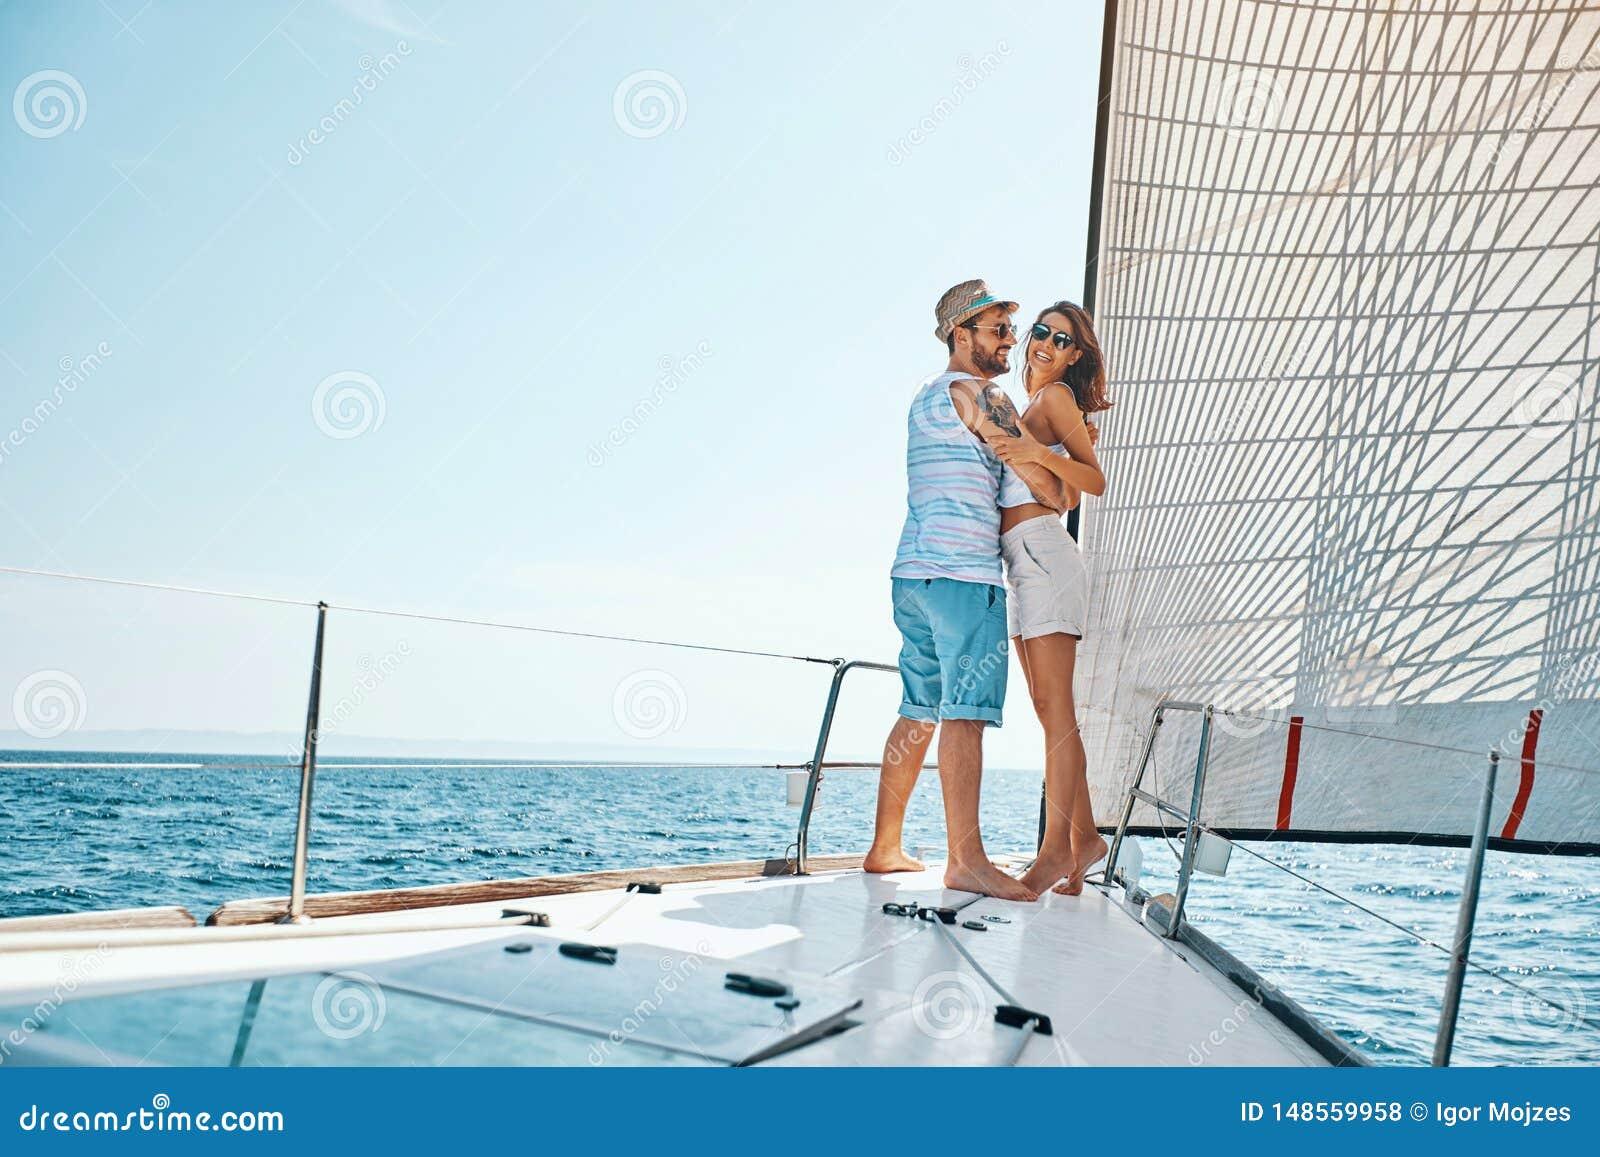 Glimlachende man en vrouw die op vakantie reizen die bij het oceaan Romaans genieten van van de open zee varen